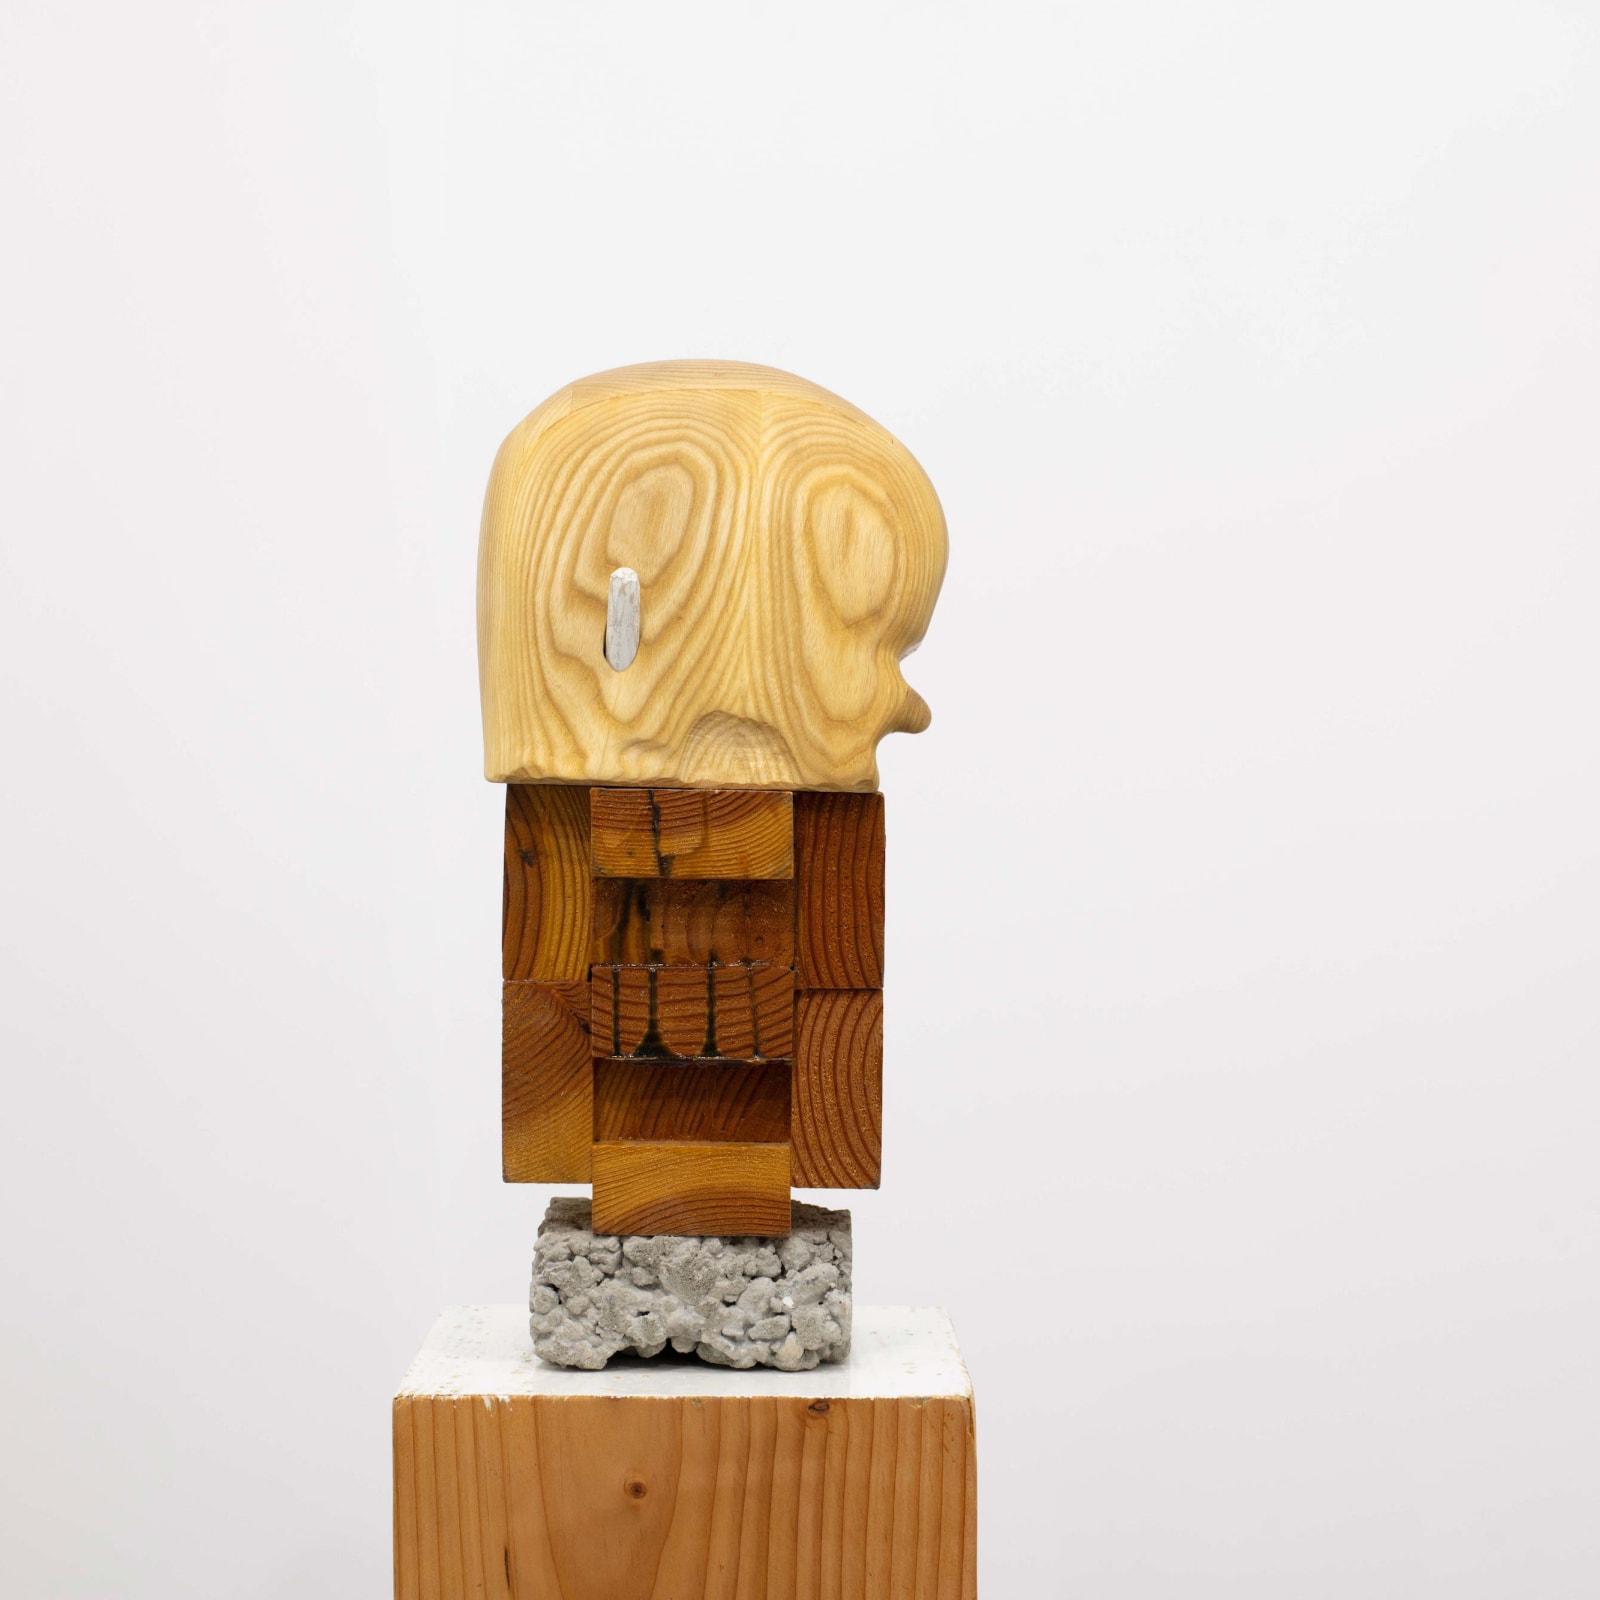 Douglas Rieger, Bust 半身像, 2018